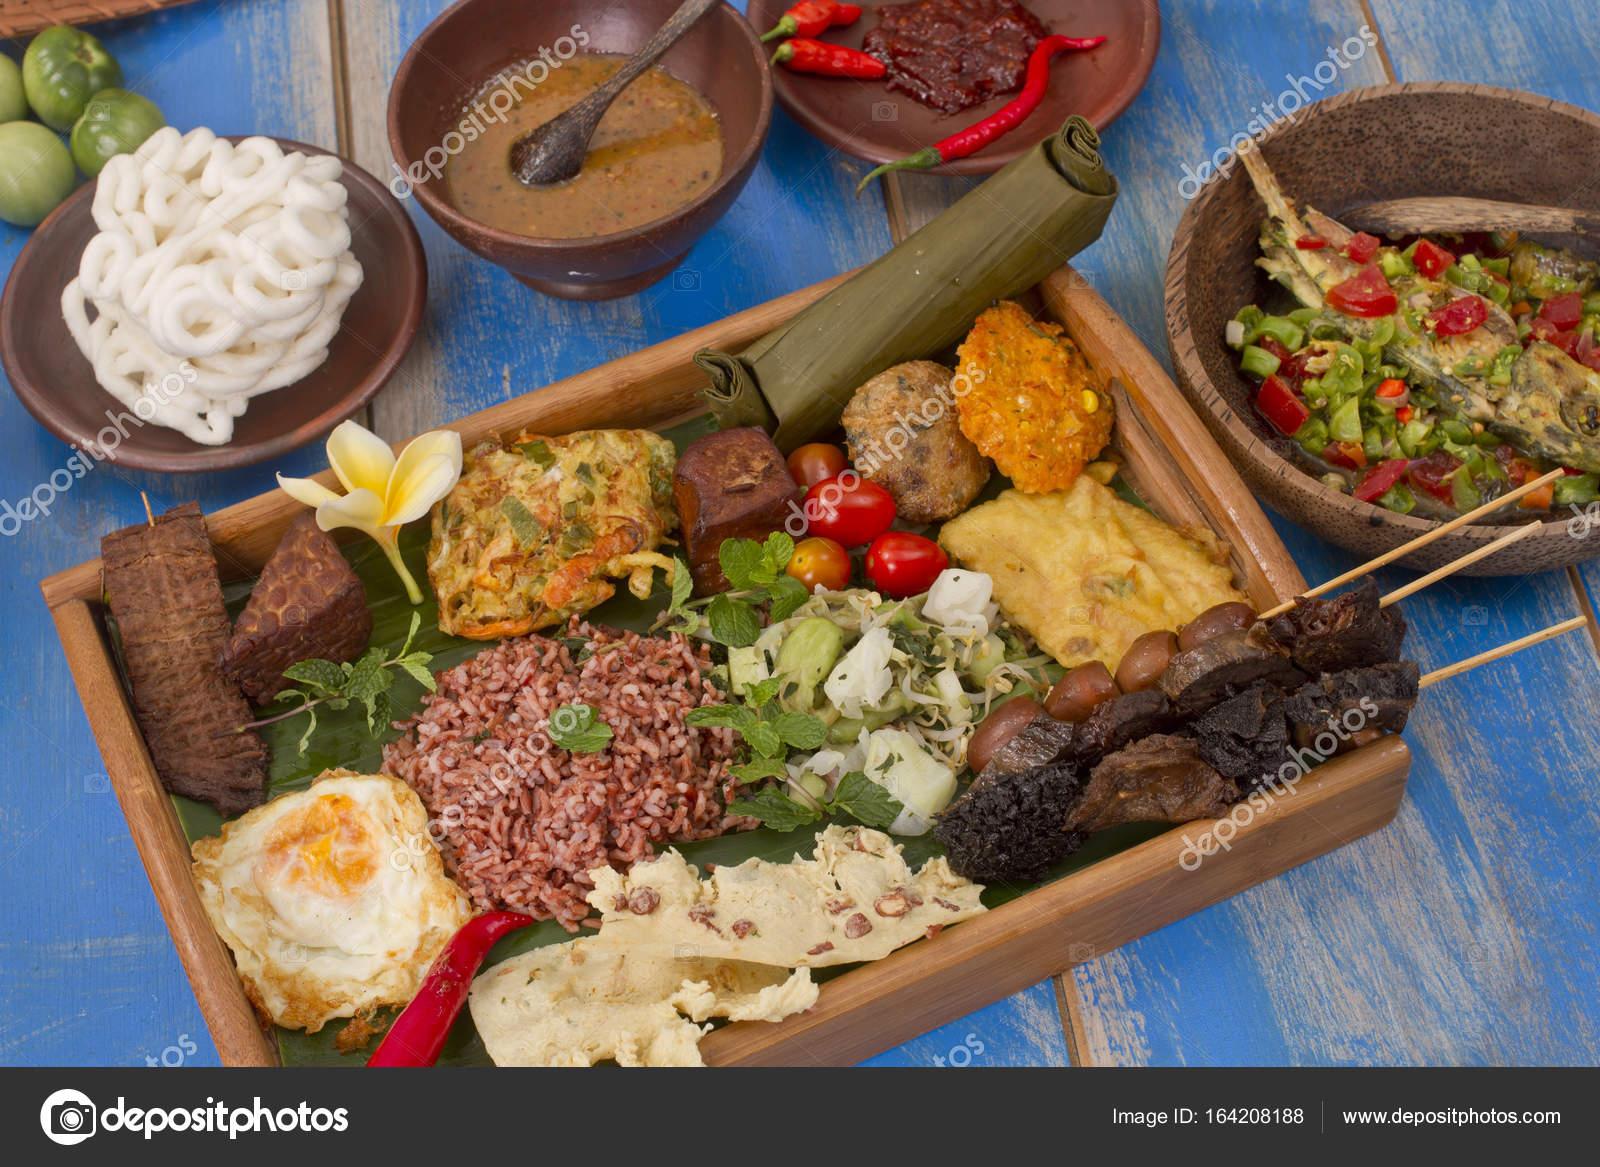 インドネシア pecel 野菜サラダ ストック写真 ismedhasibuan 164208188